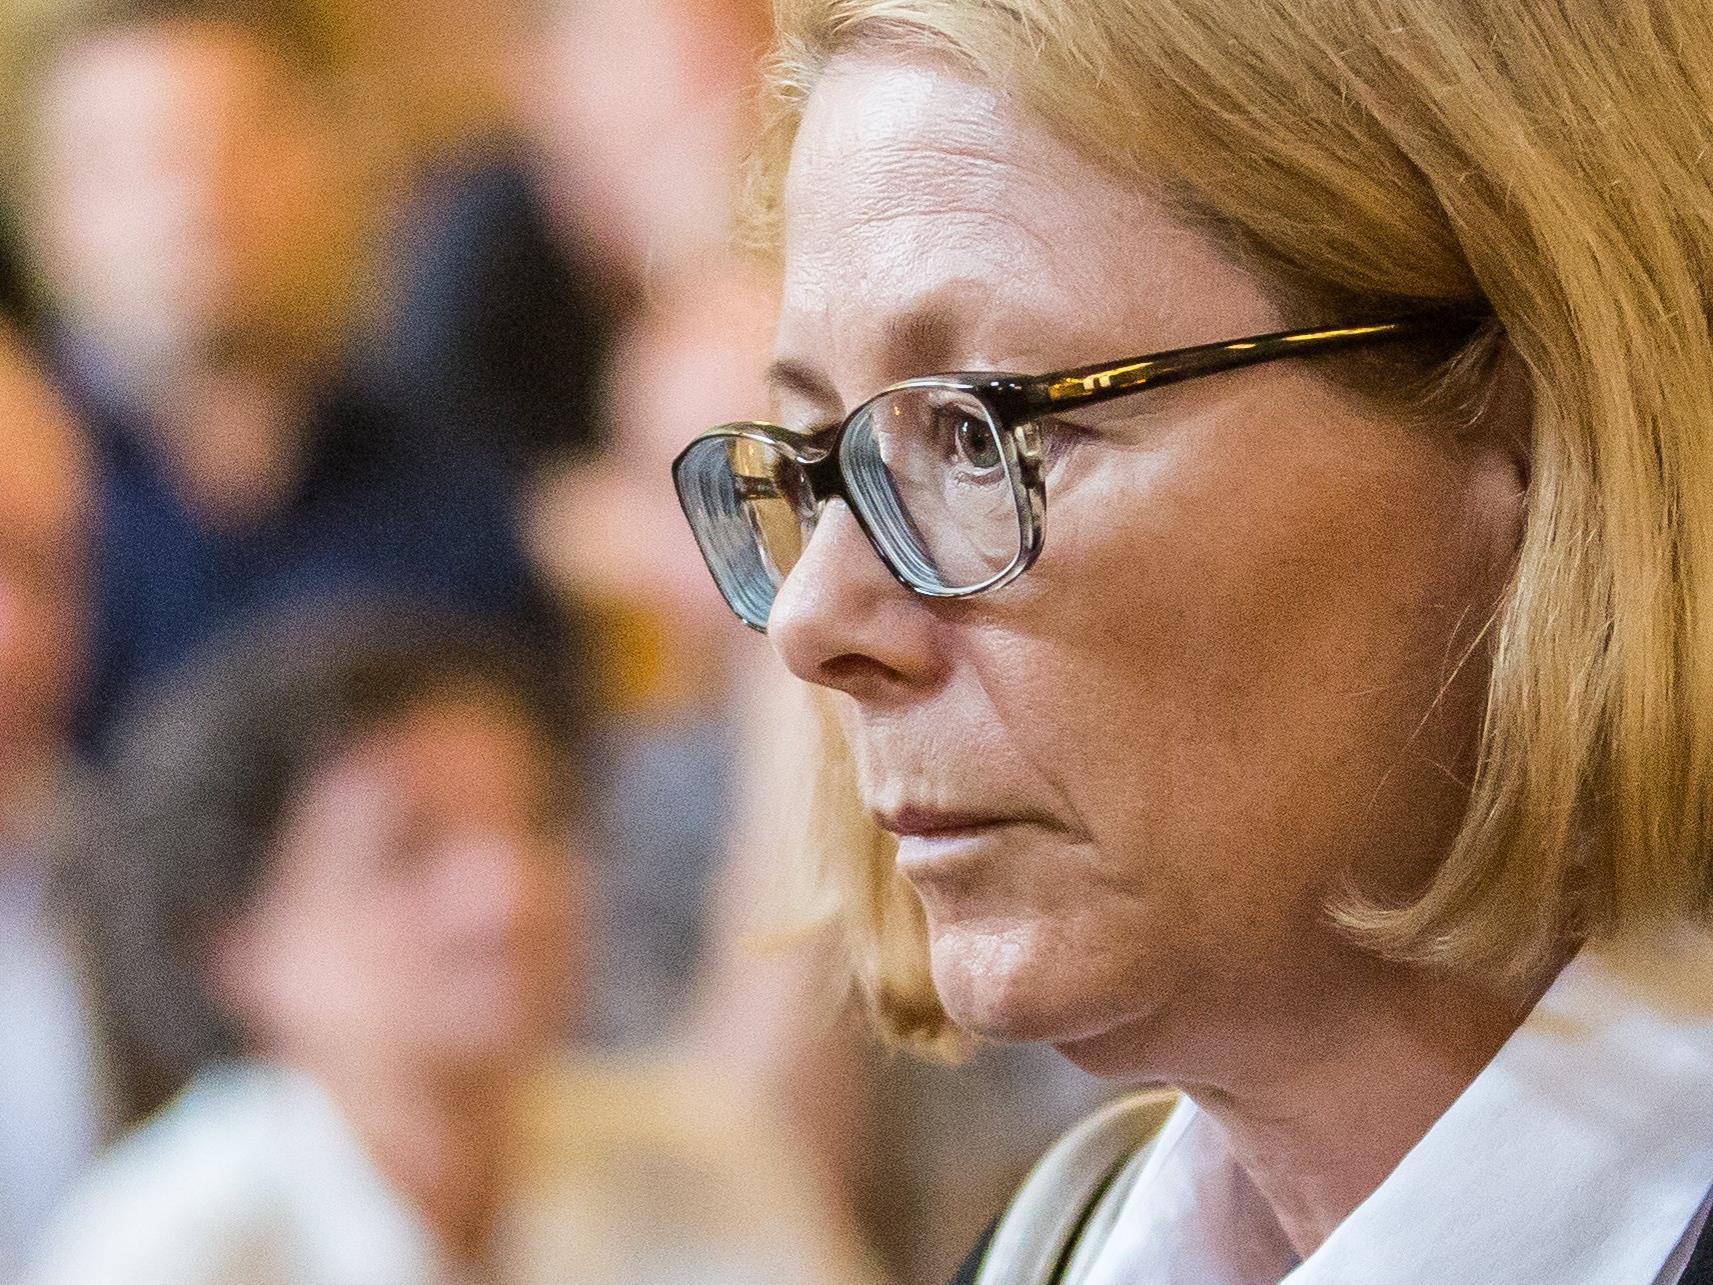 Vier Wochen hat Kornelia Ratz Zeit für den Haftantritt.